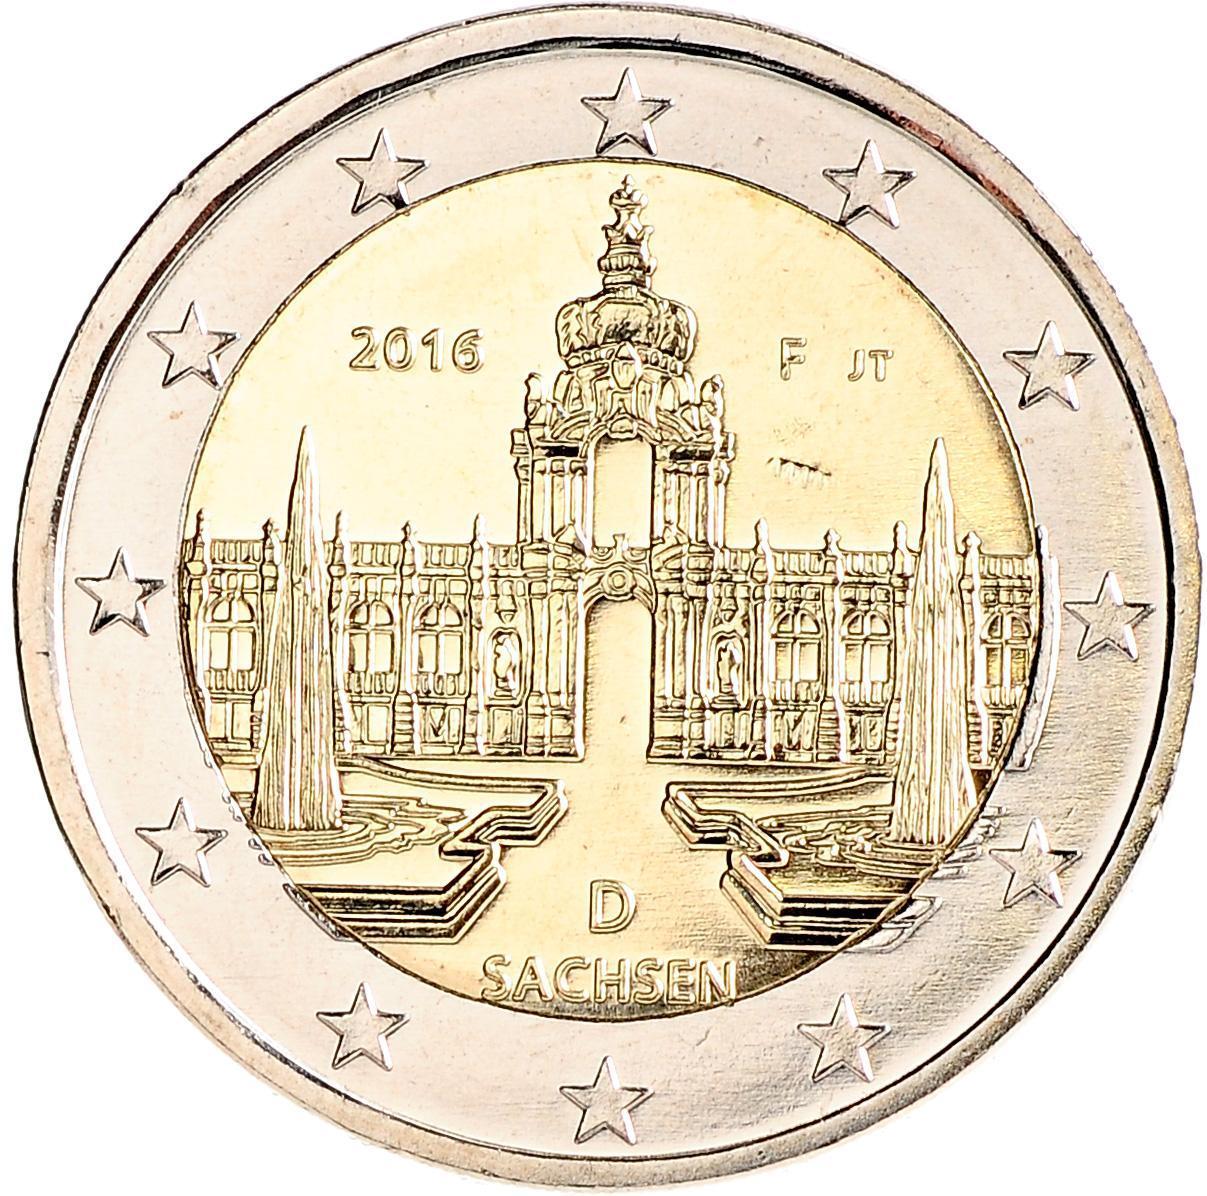 2 евро 2016 Германия - Саксония (Дворец Цвингер, Дрезден)